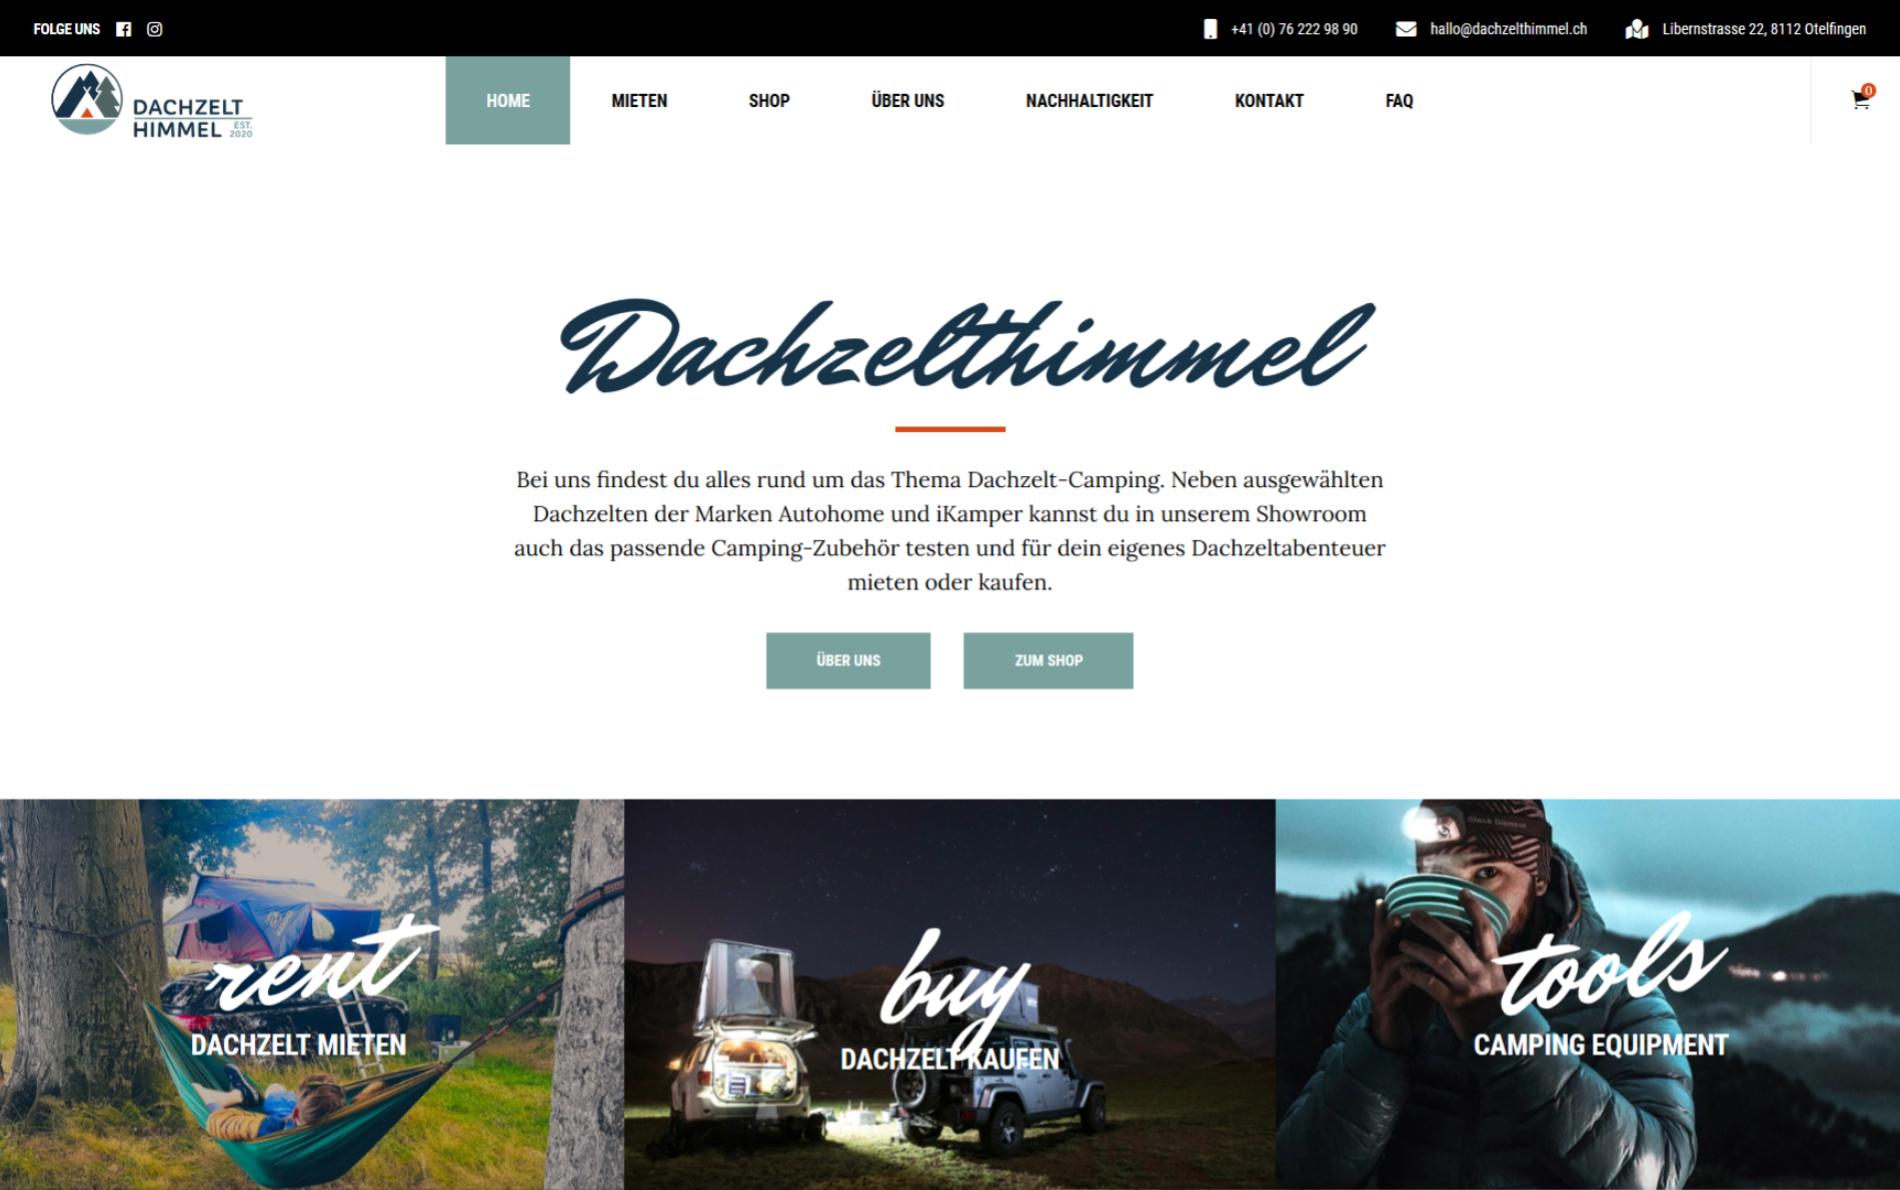 Online-Shop für Camping-Ausrüstung